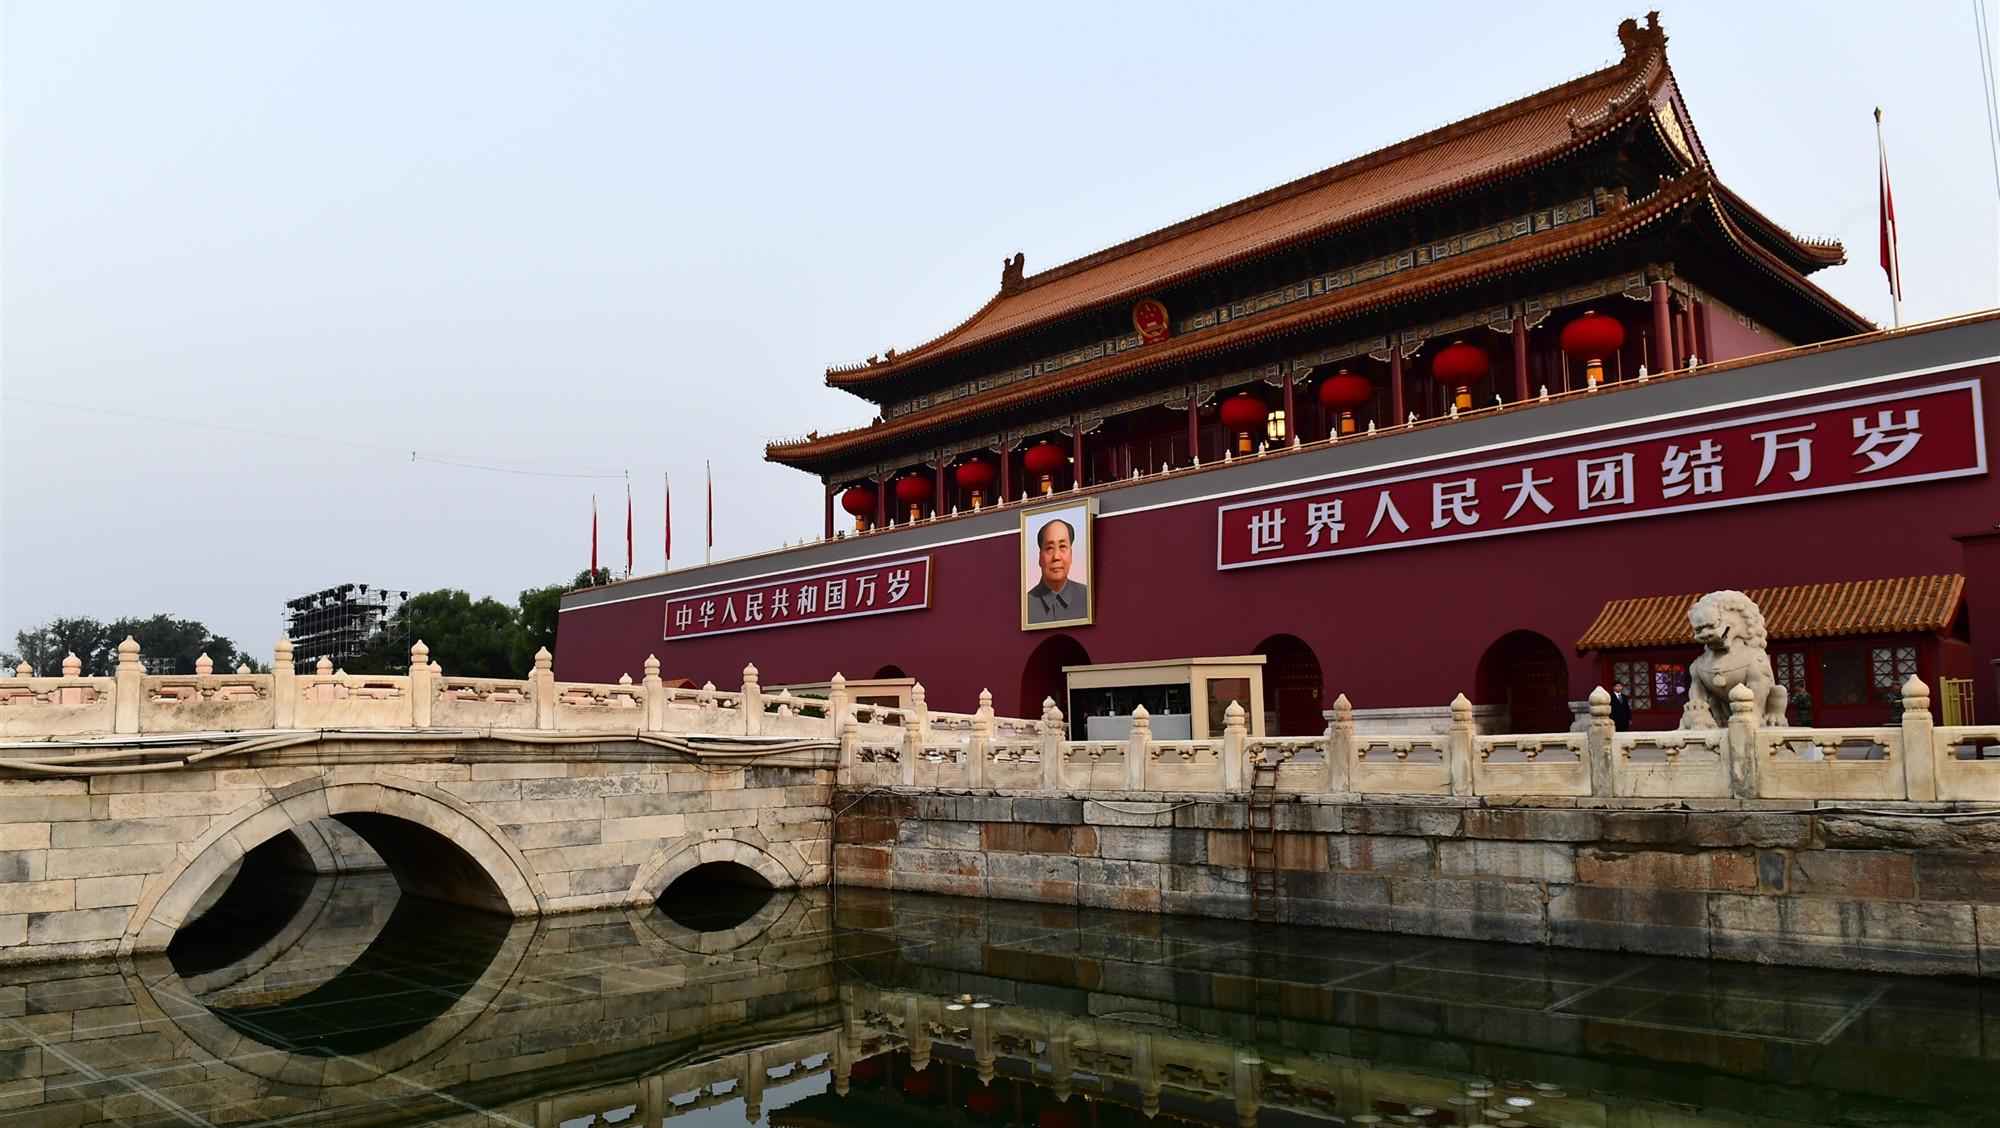 看,这就是今晨的中国